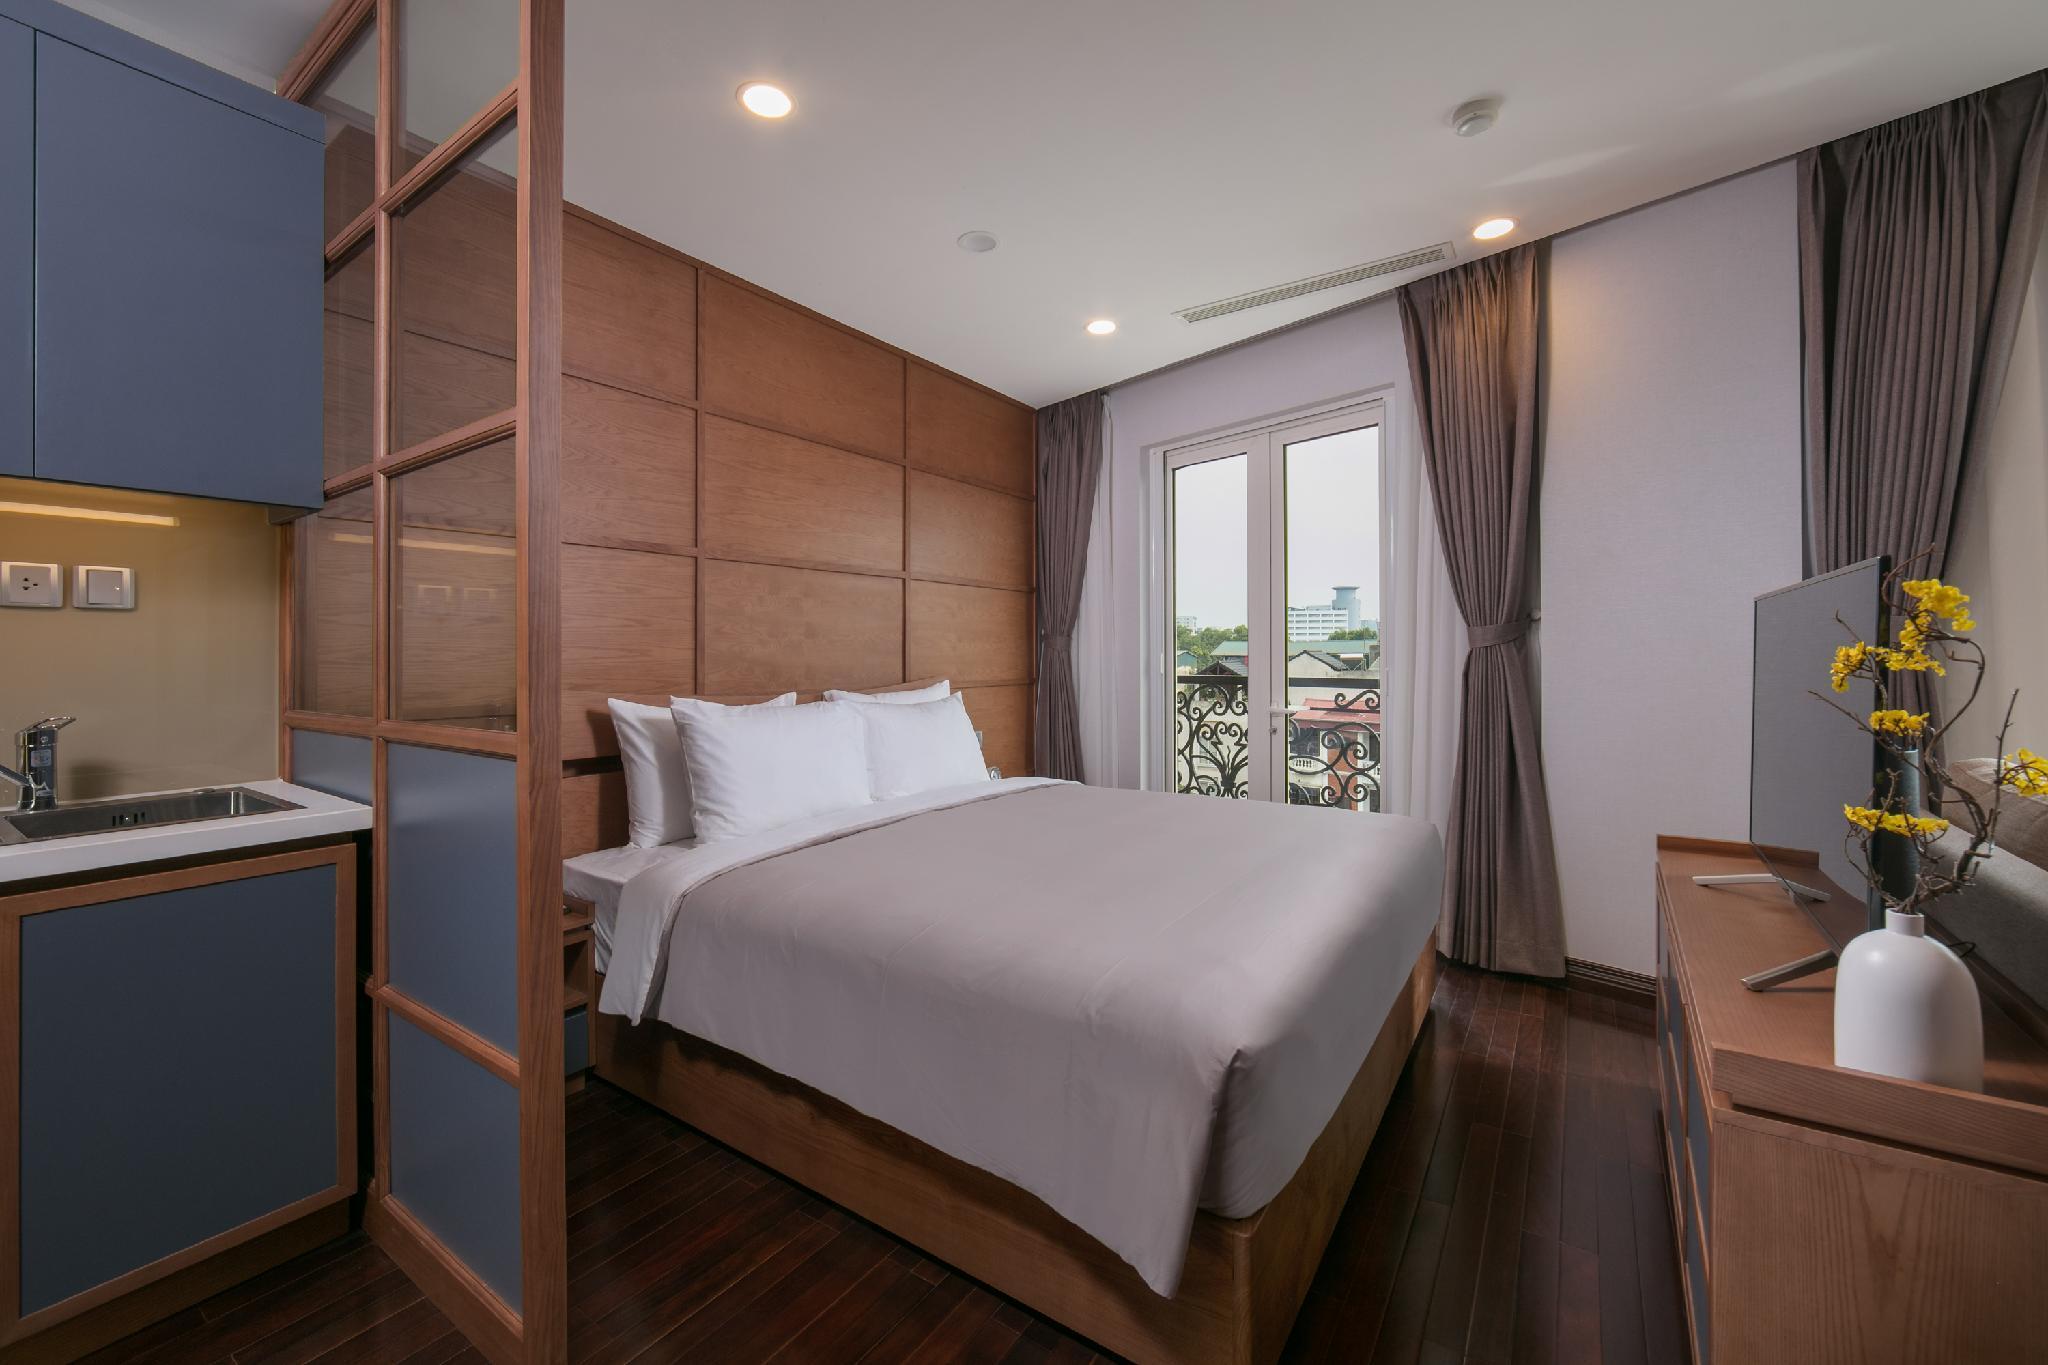 KEGON Hotel